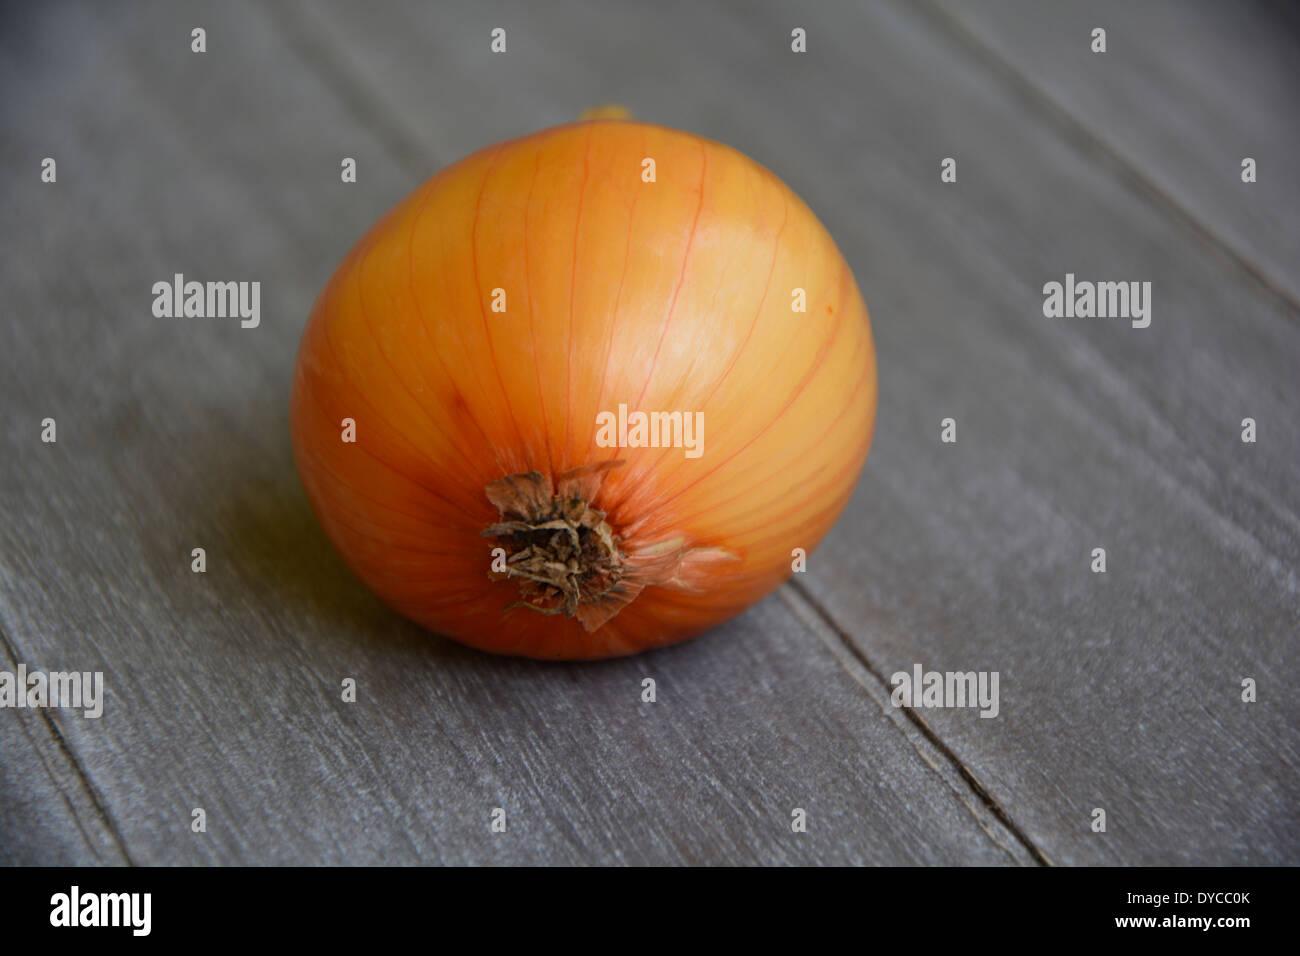 yellow onion on a grey wooden table tabletop background macro close up eine ganze gelbe Zwiebel auf grauem Holztisch Holzbrett - Stock Image